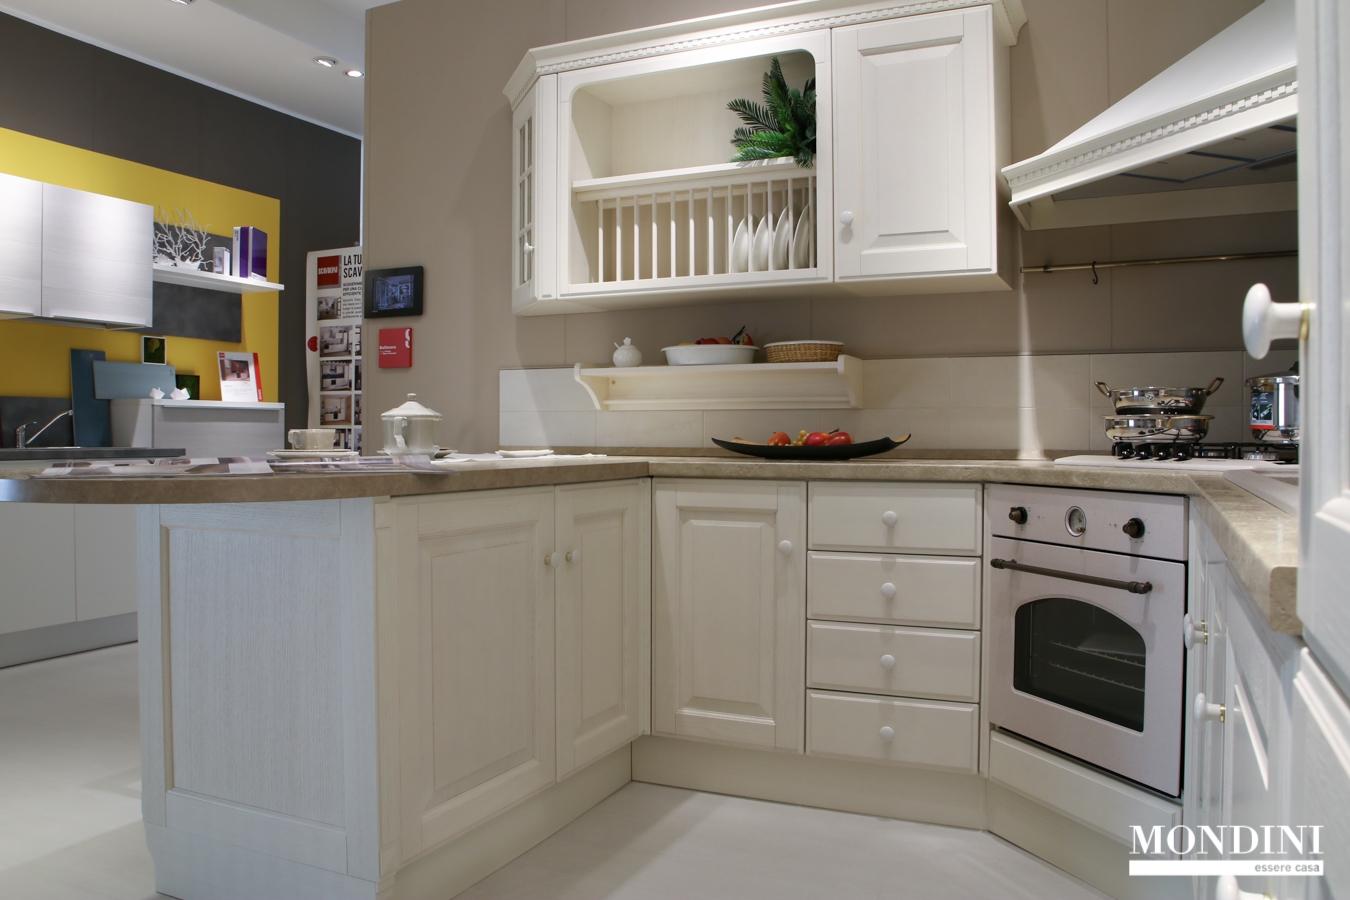 Cucina con penisola scavolini modello baltimora scontata - Cucine classiche con penisola ...